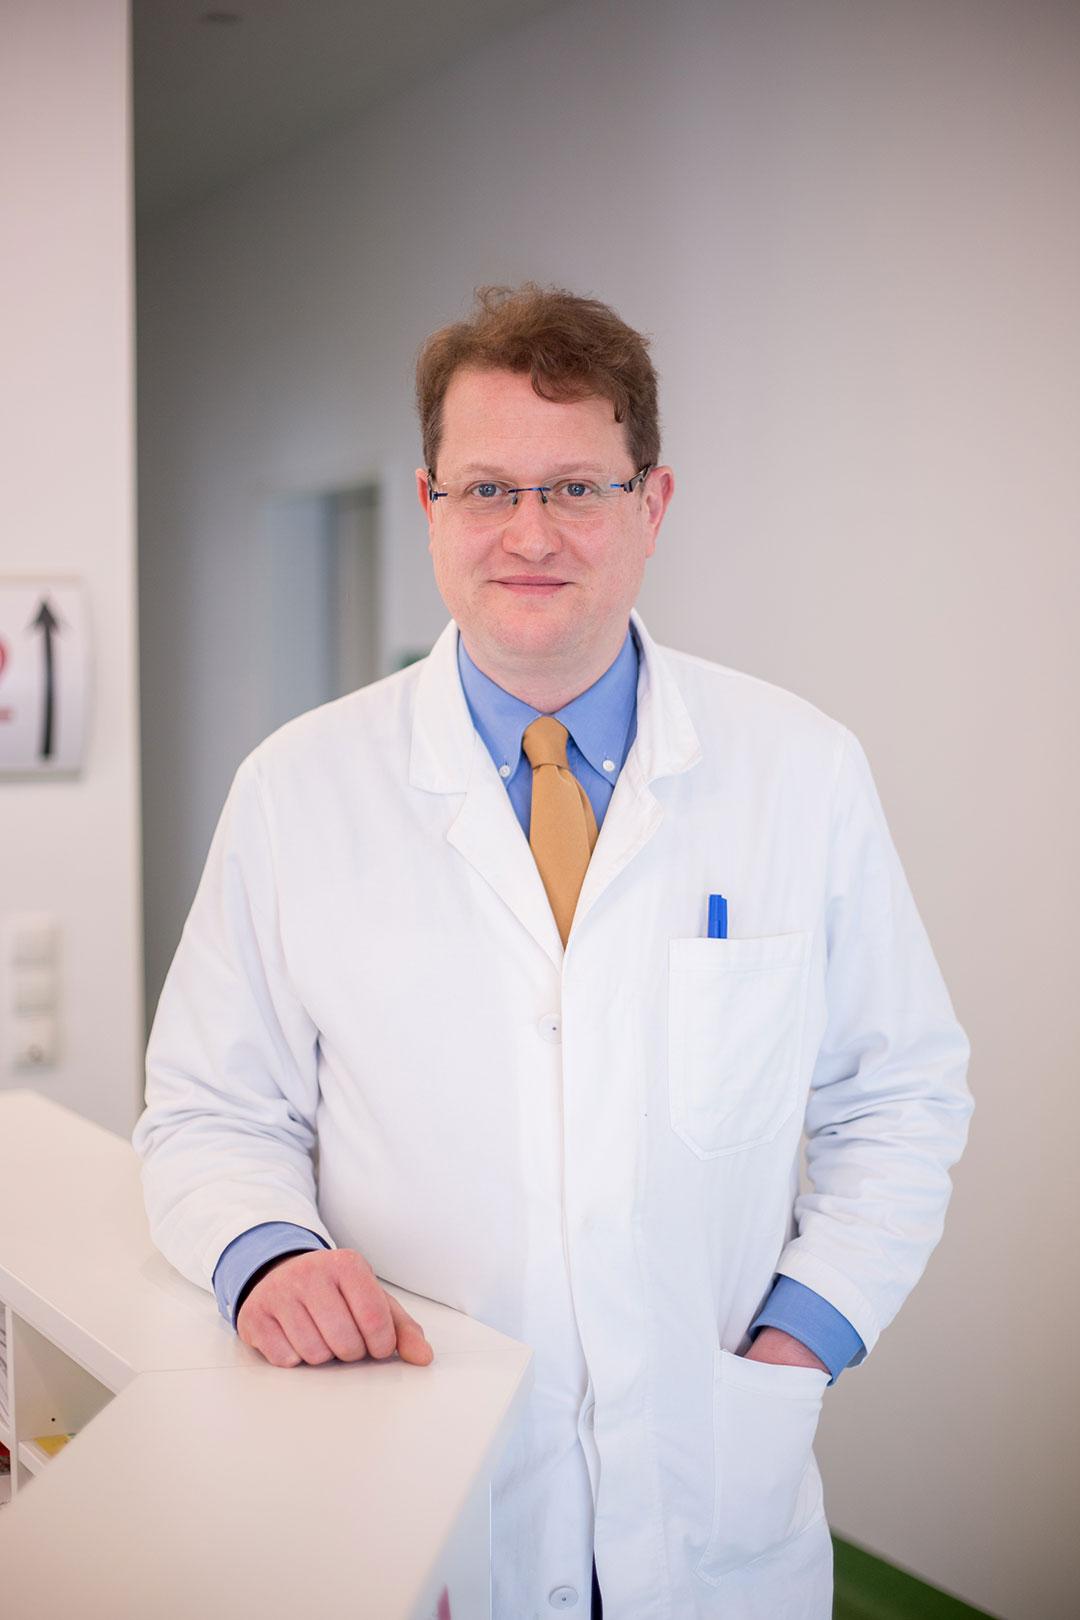 Dr. Schnedl